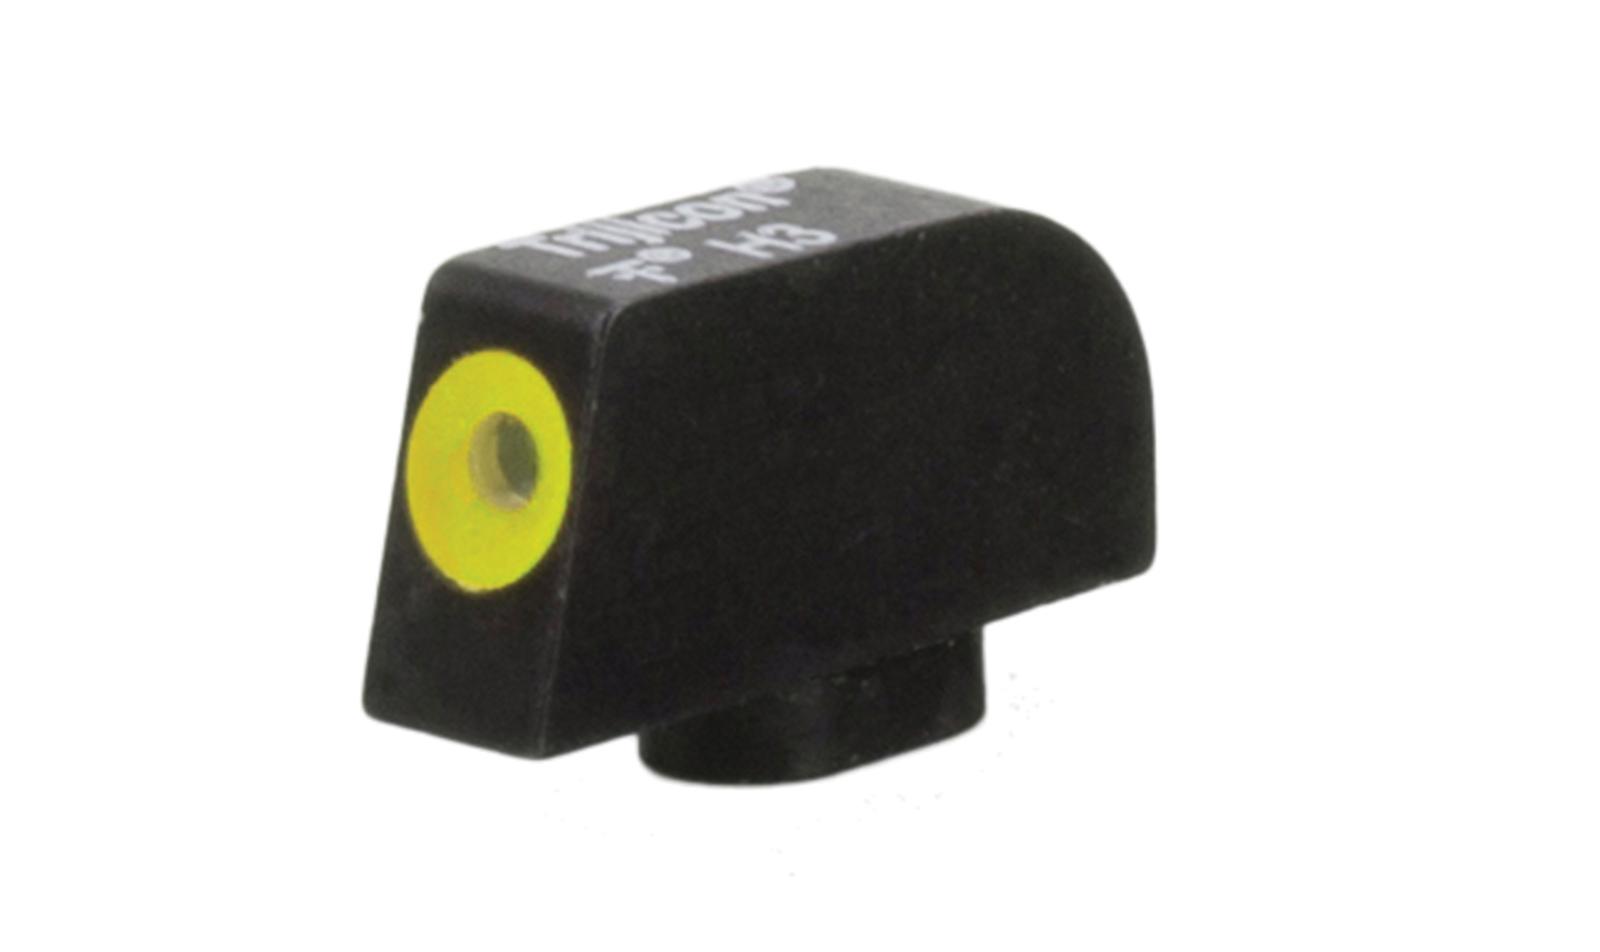 GL601-C-600837 angle 1